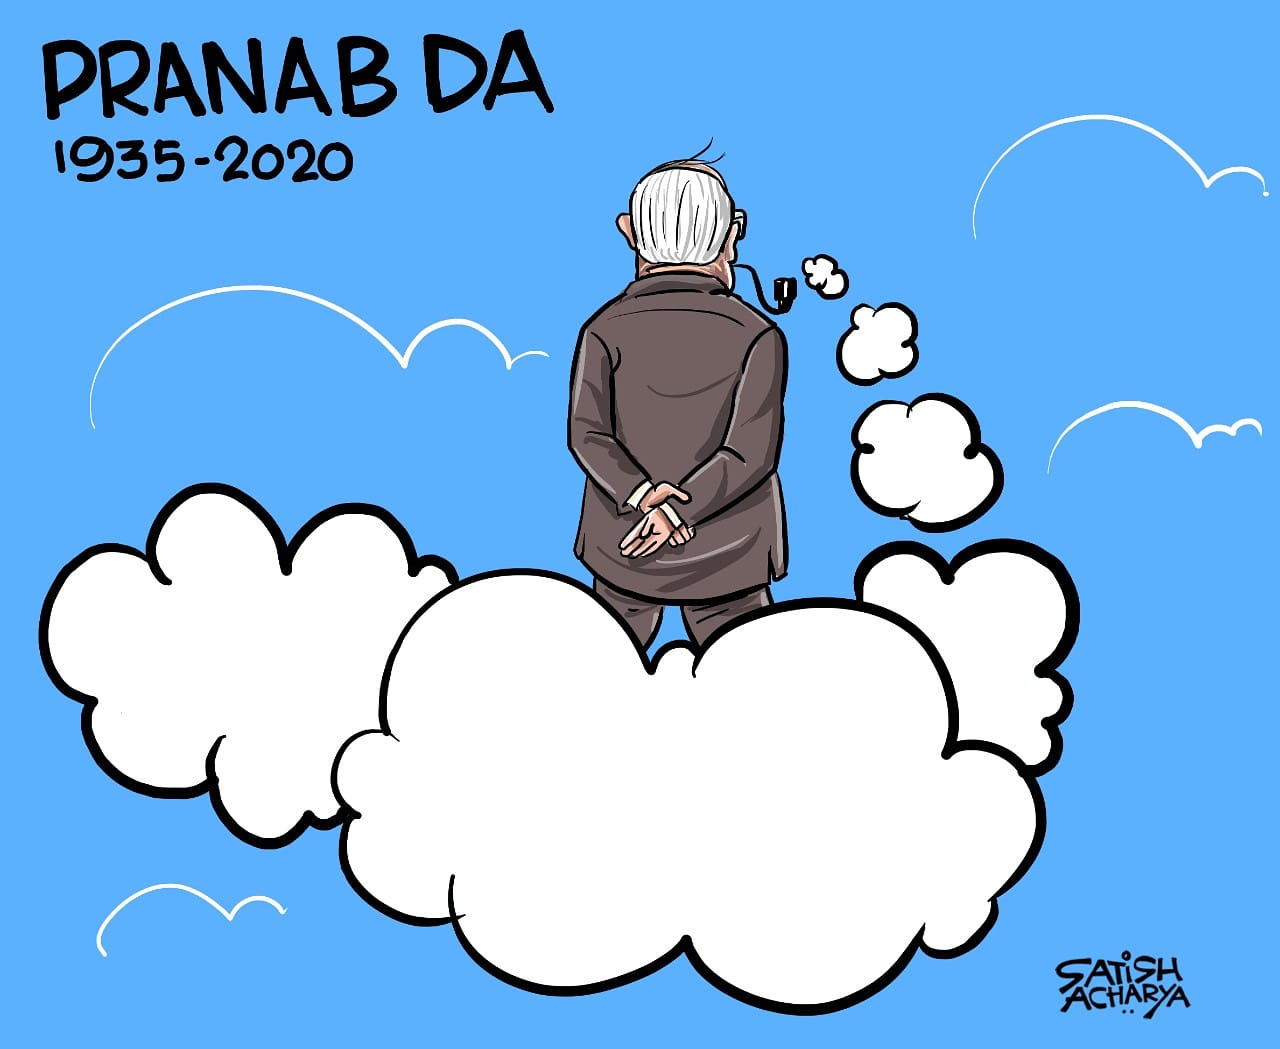 RIP Pranab Mukharjee